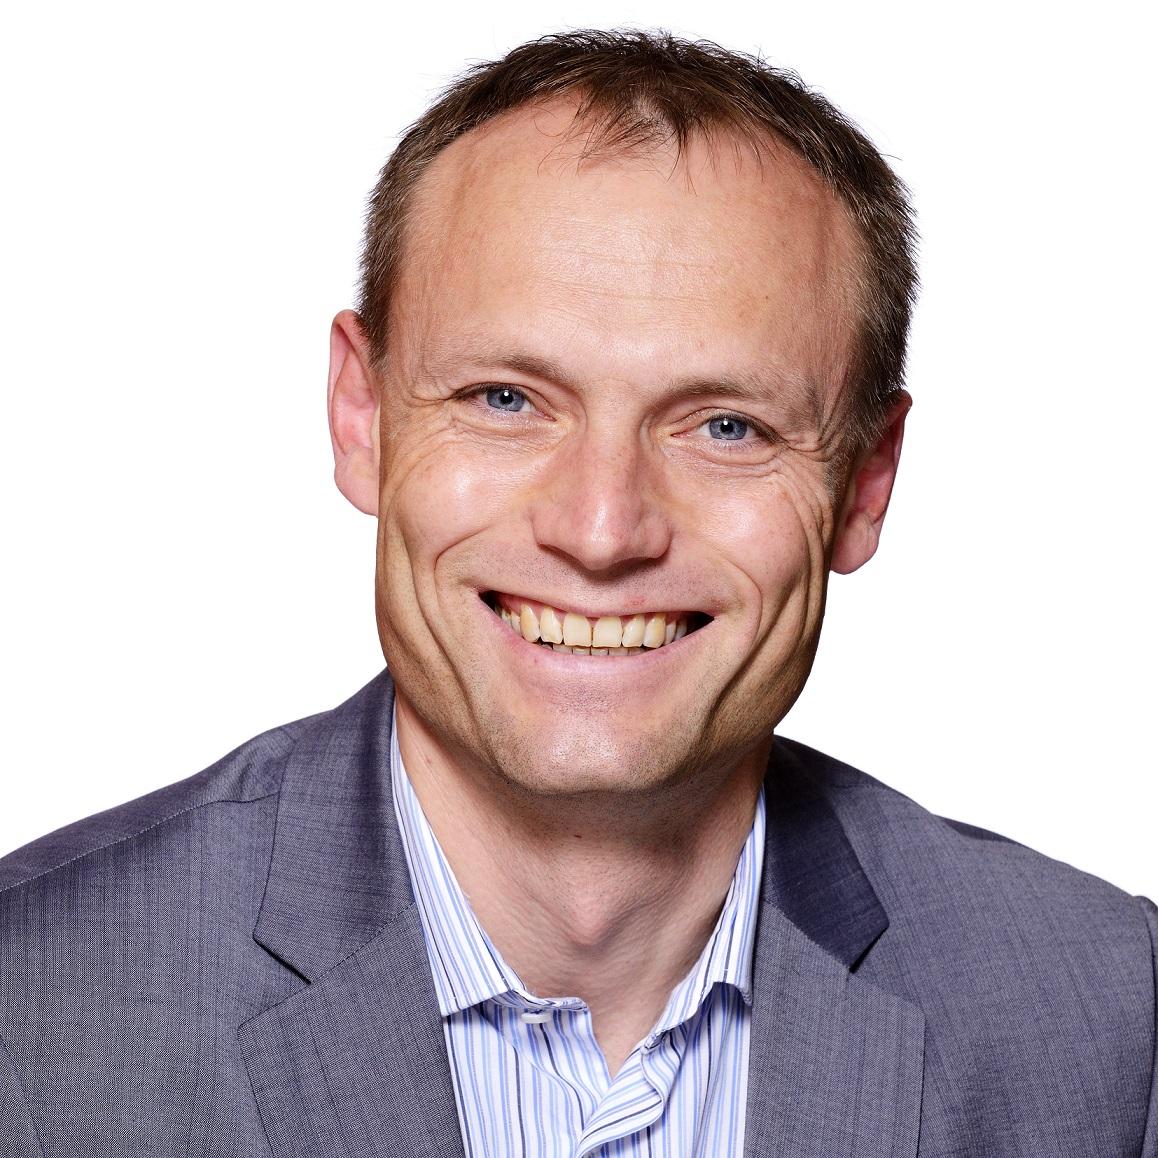 Erik Čížek (PERNOD RICARD)